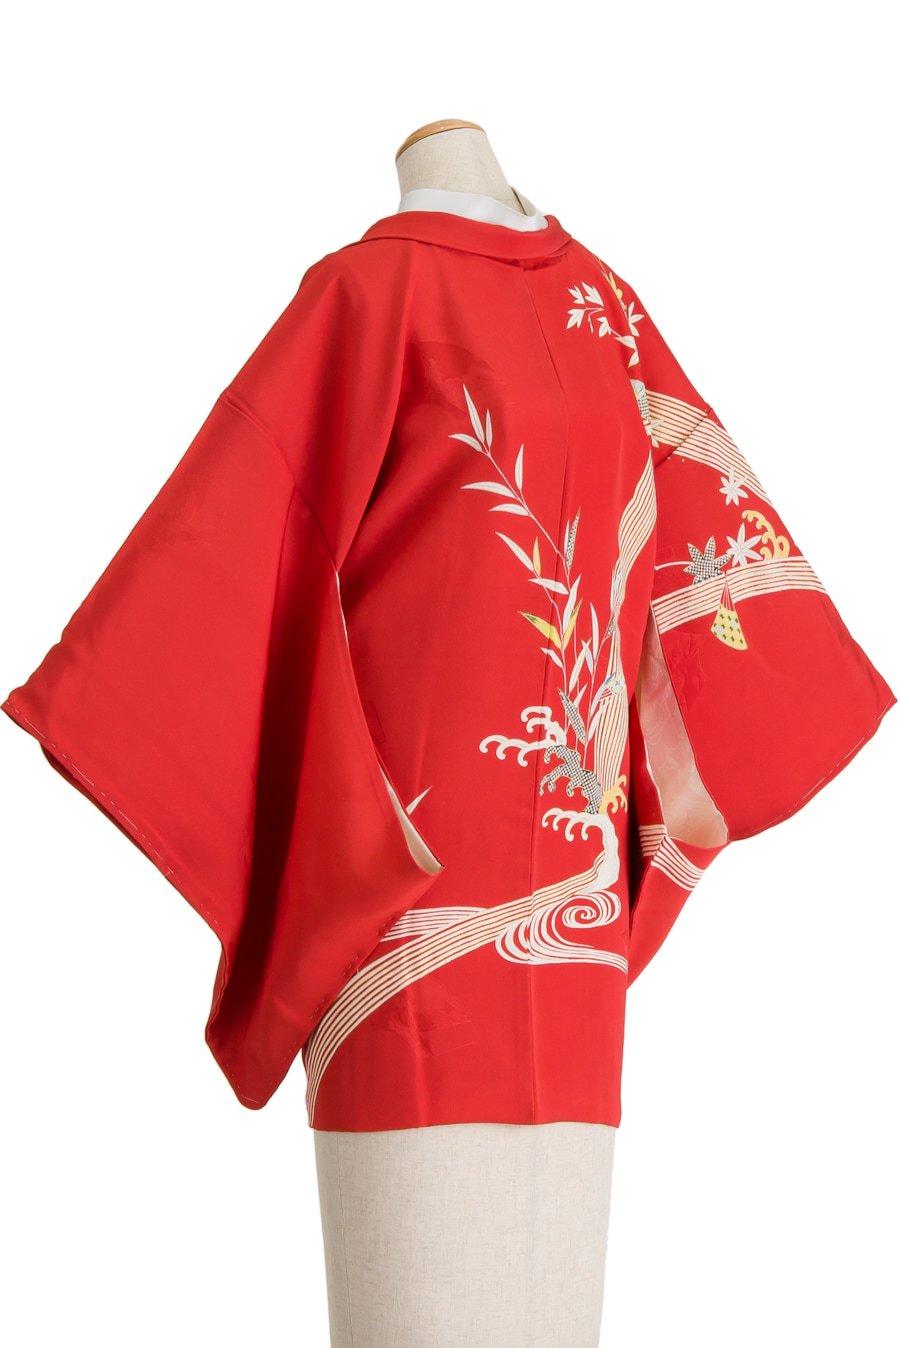 「絵羽織 滝に紅葉」の商品画像